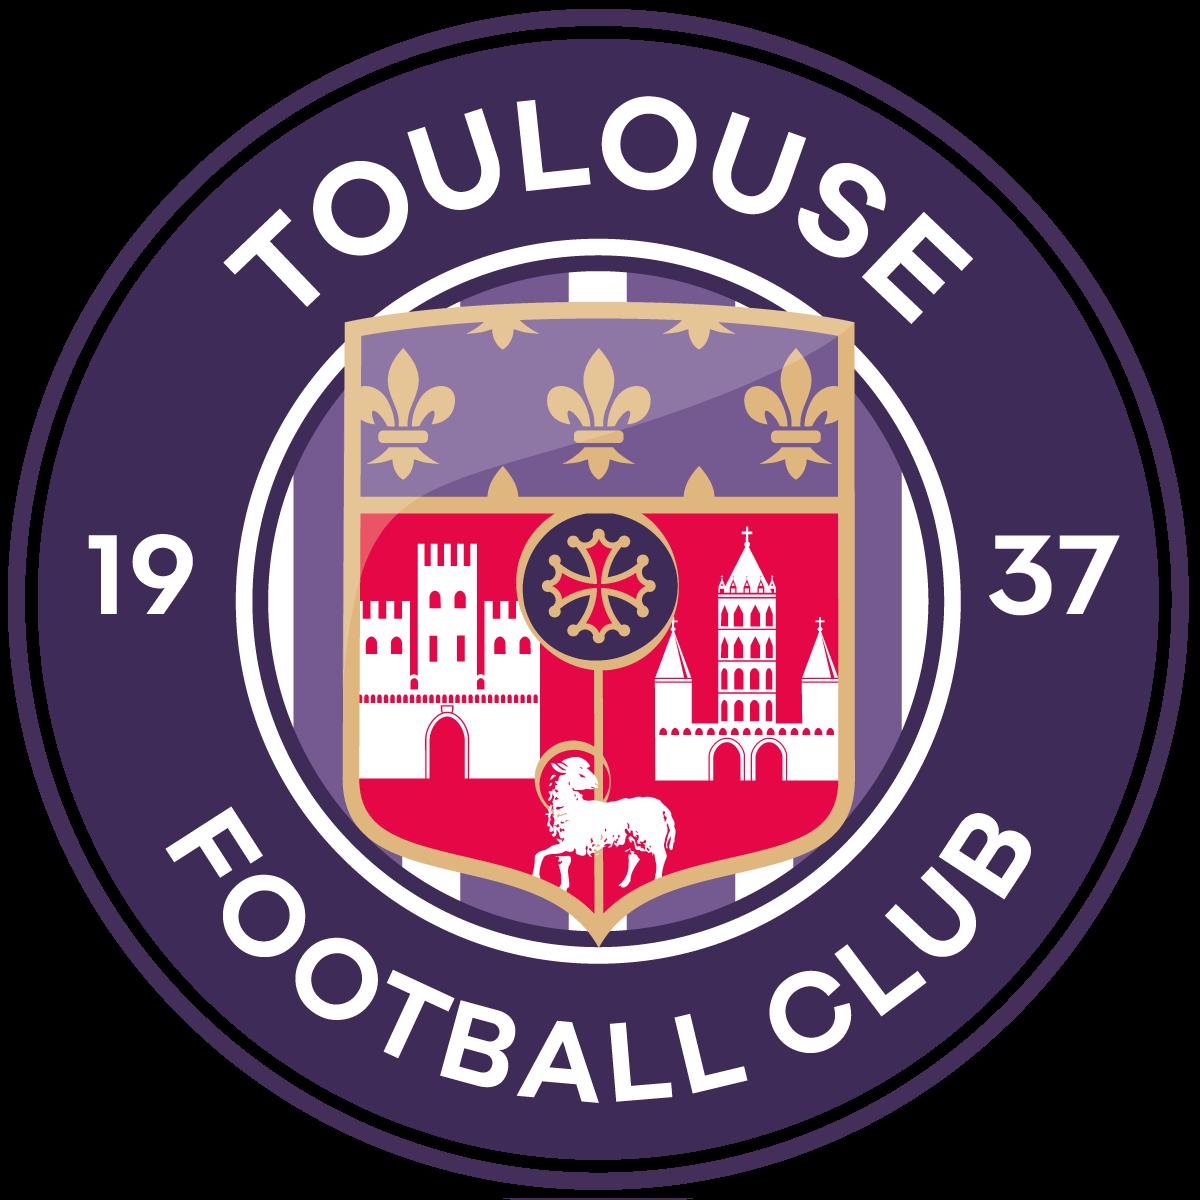 CHAMPIONNAT DE LIGUE 1 CONFORAMA - SAISON 2018-2019 -  J 3 : TOULOUSE FC  - NÎMES OLYMPIQUE  - Page 2 Tfc_7